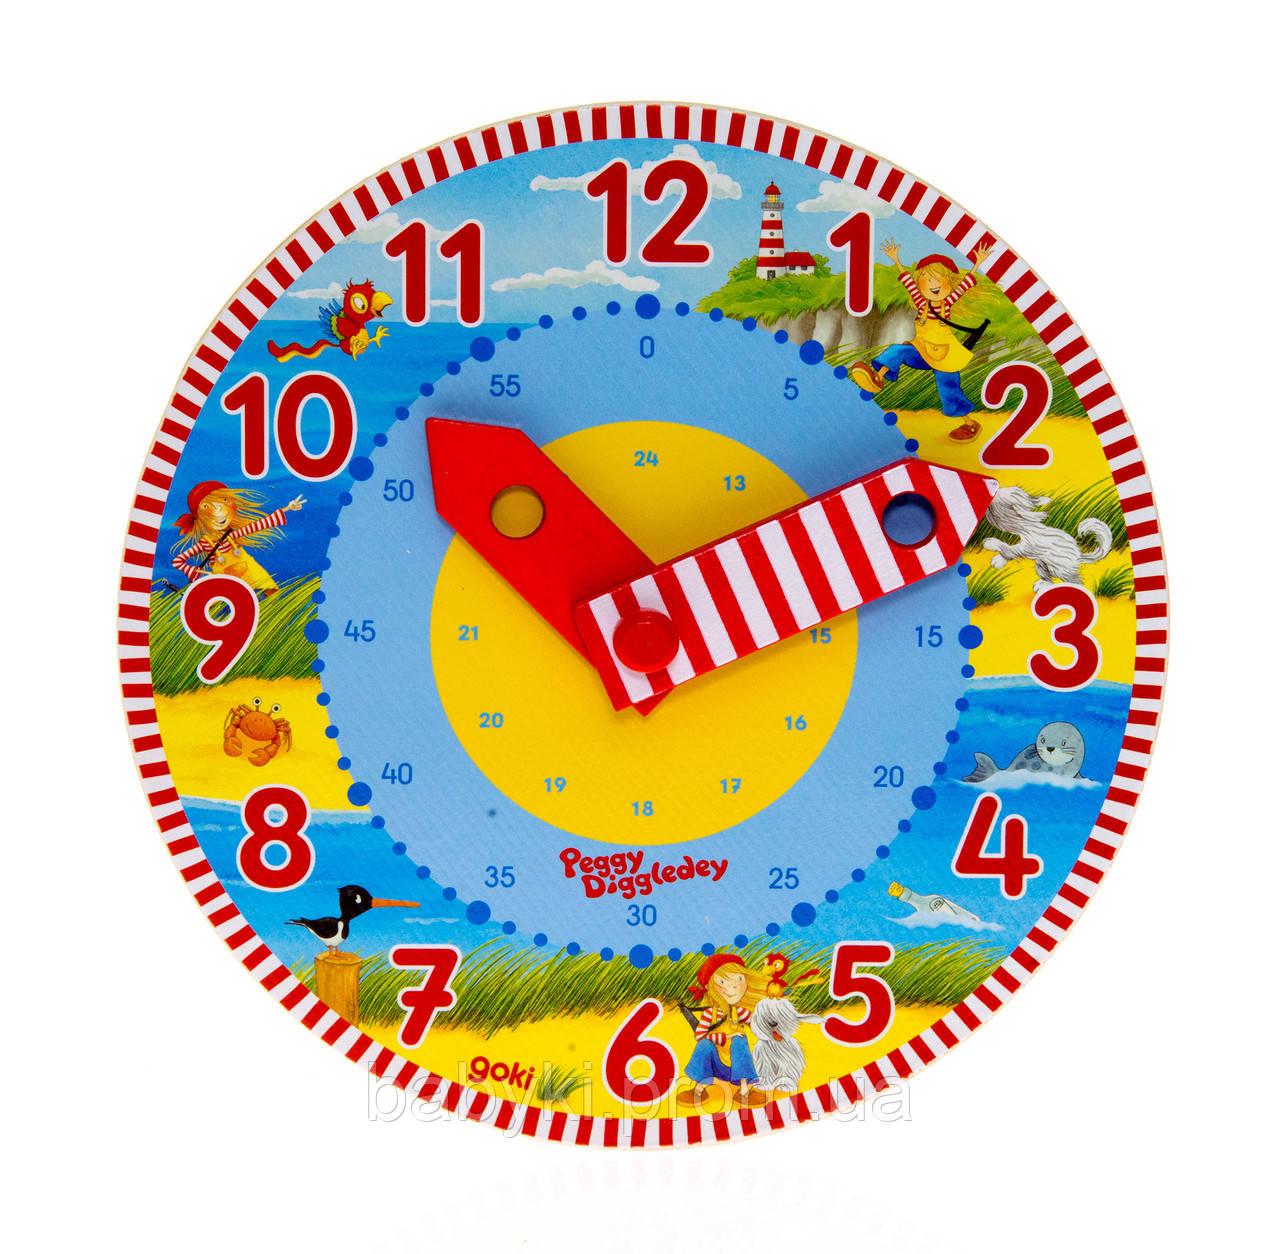 """Goki Часы Изучаем время, арт. 58526 - Интернет-магазин детских игрушек и товаров """"Бейбики"""" в Буче"""